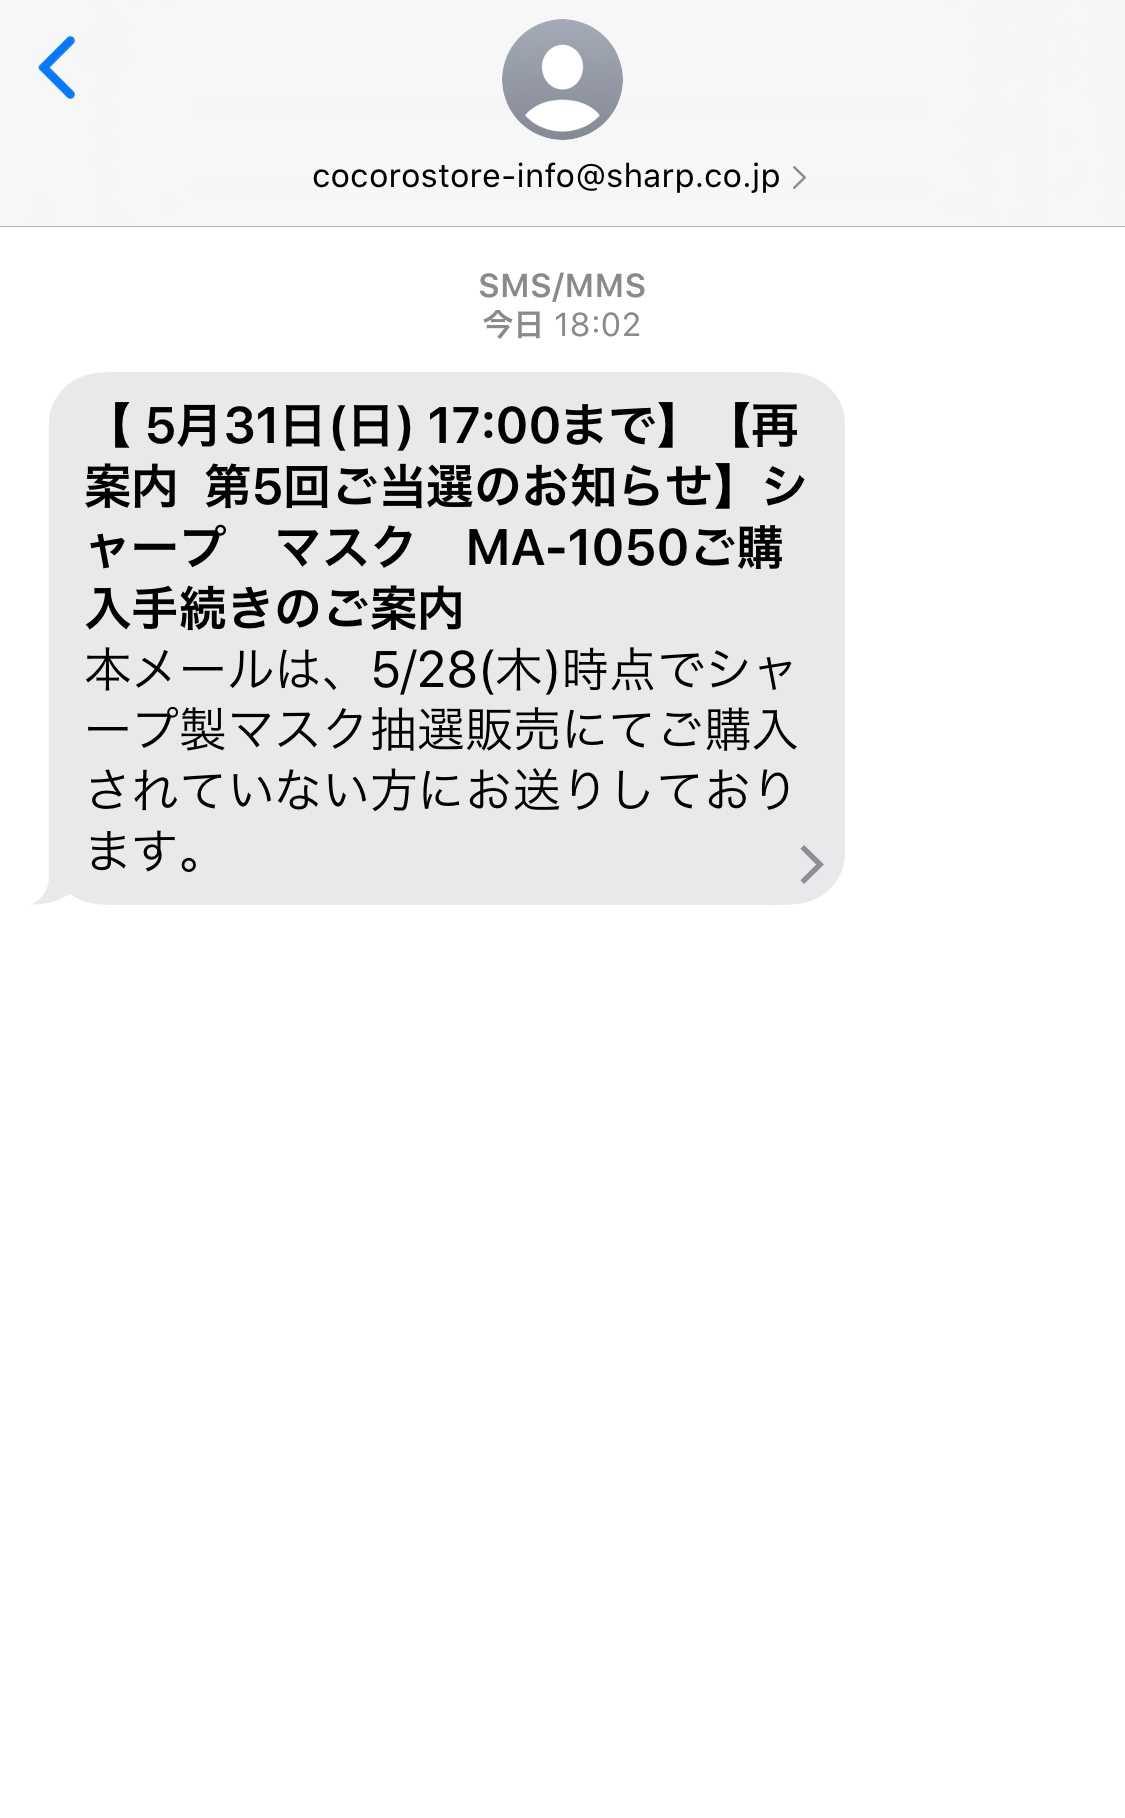 マスク メール シャープ 当選